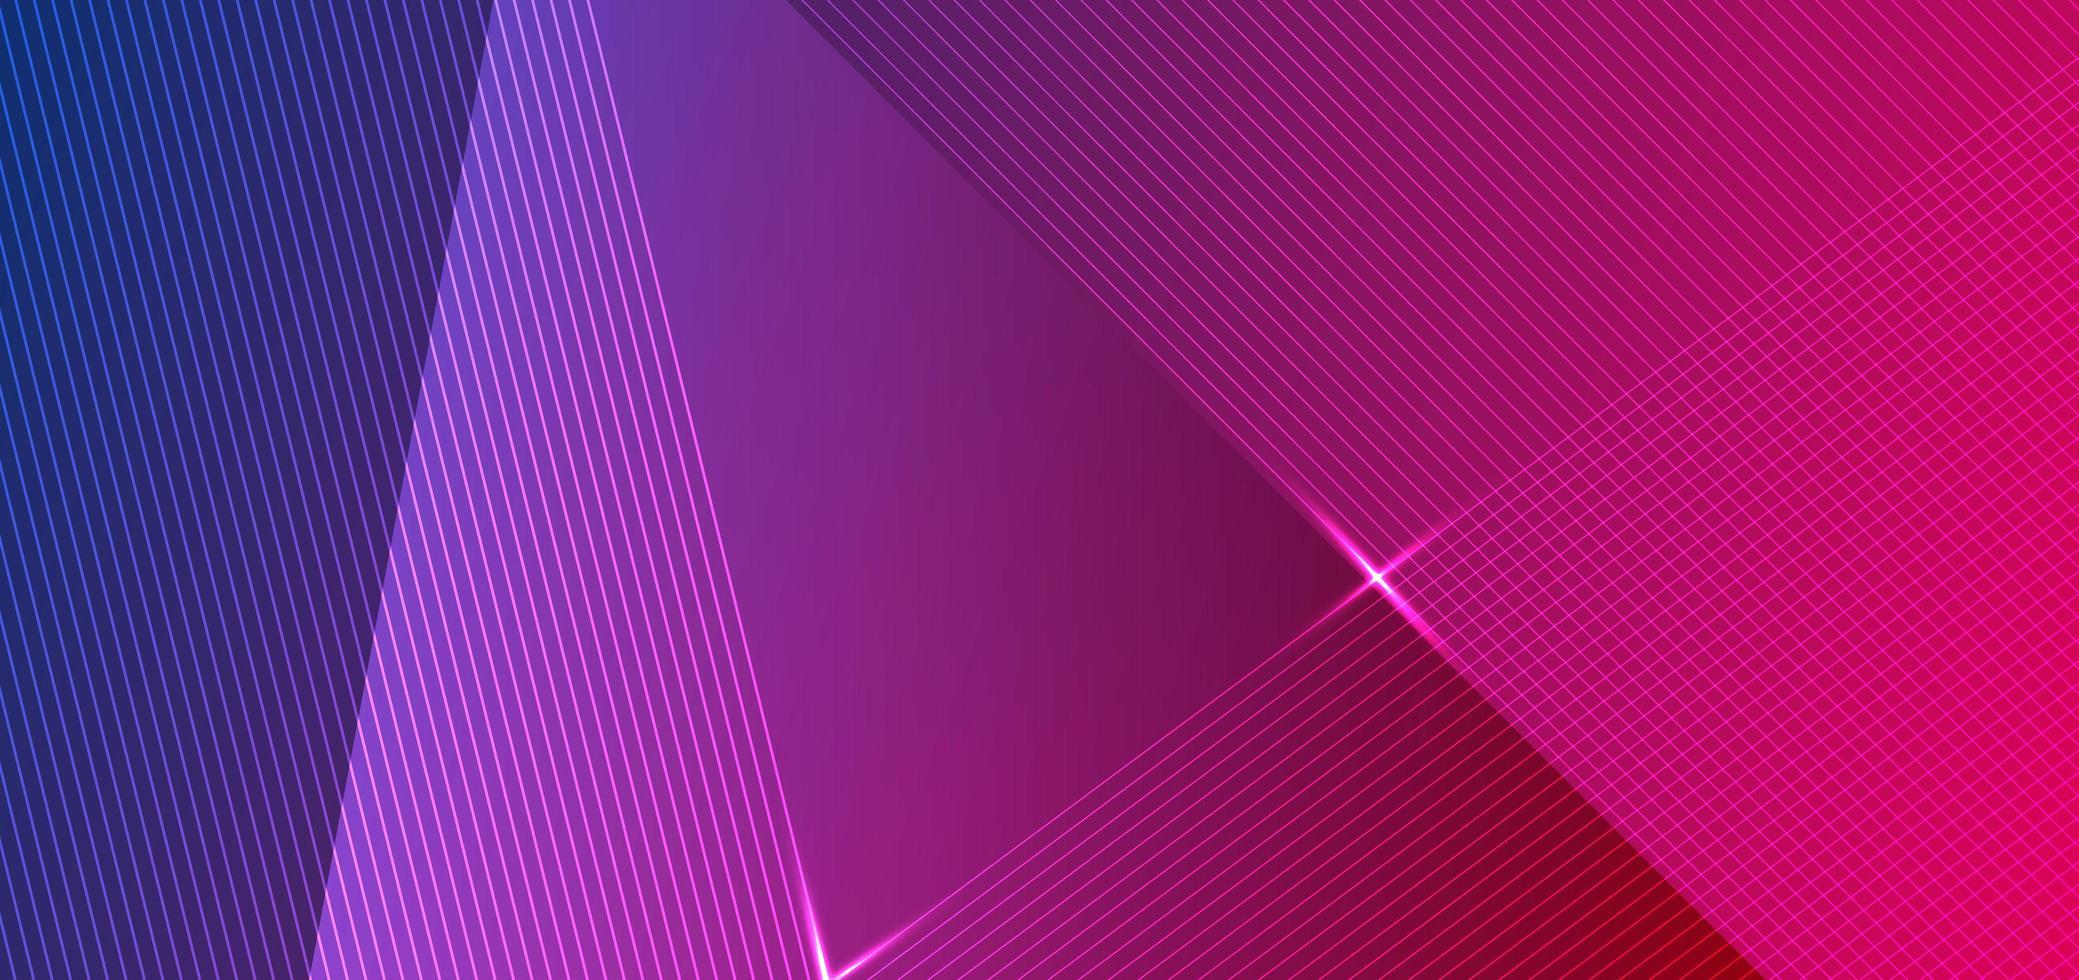 Diseño de líneas diagonales degradado azul y rosa abstracto vector